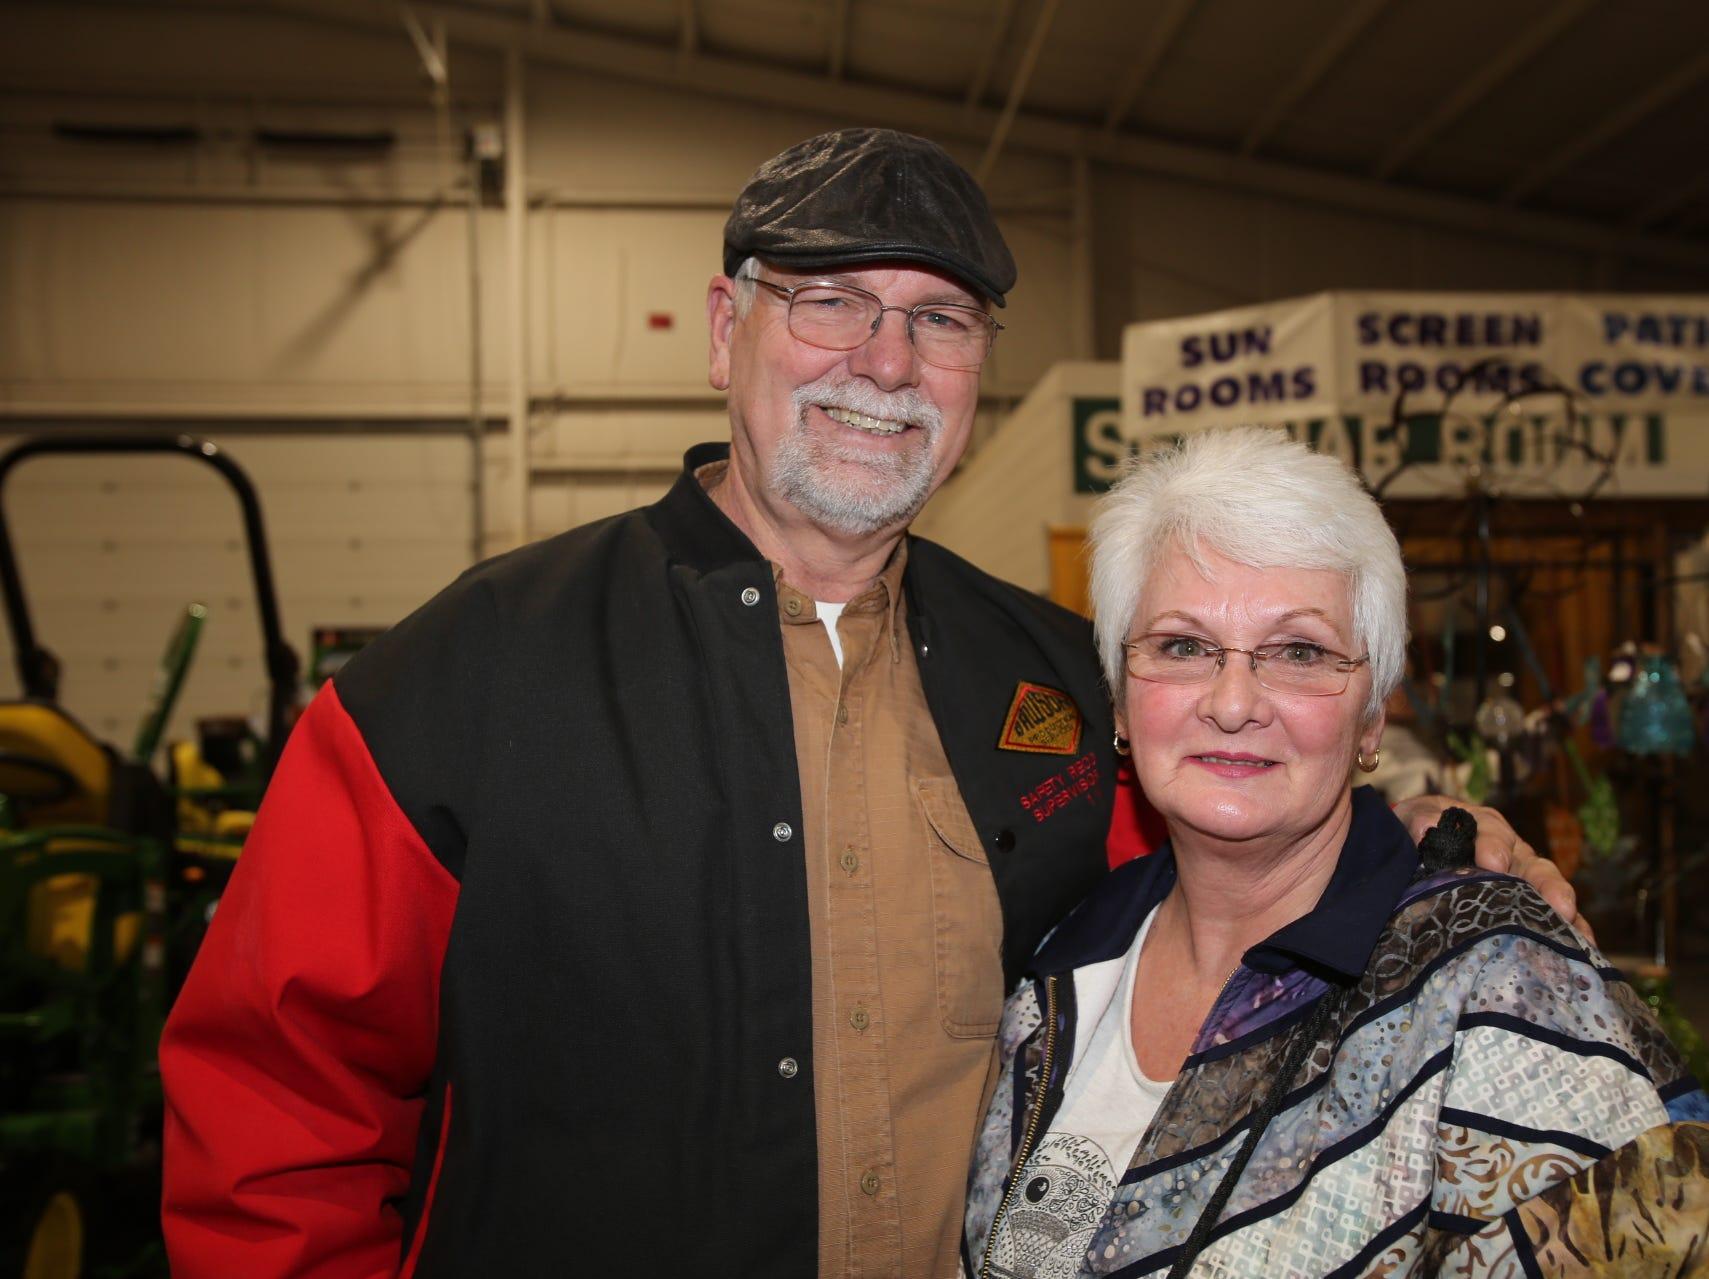 Ken and Joann Boyce